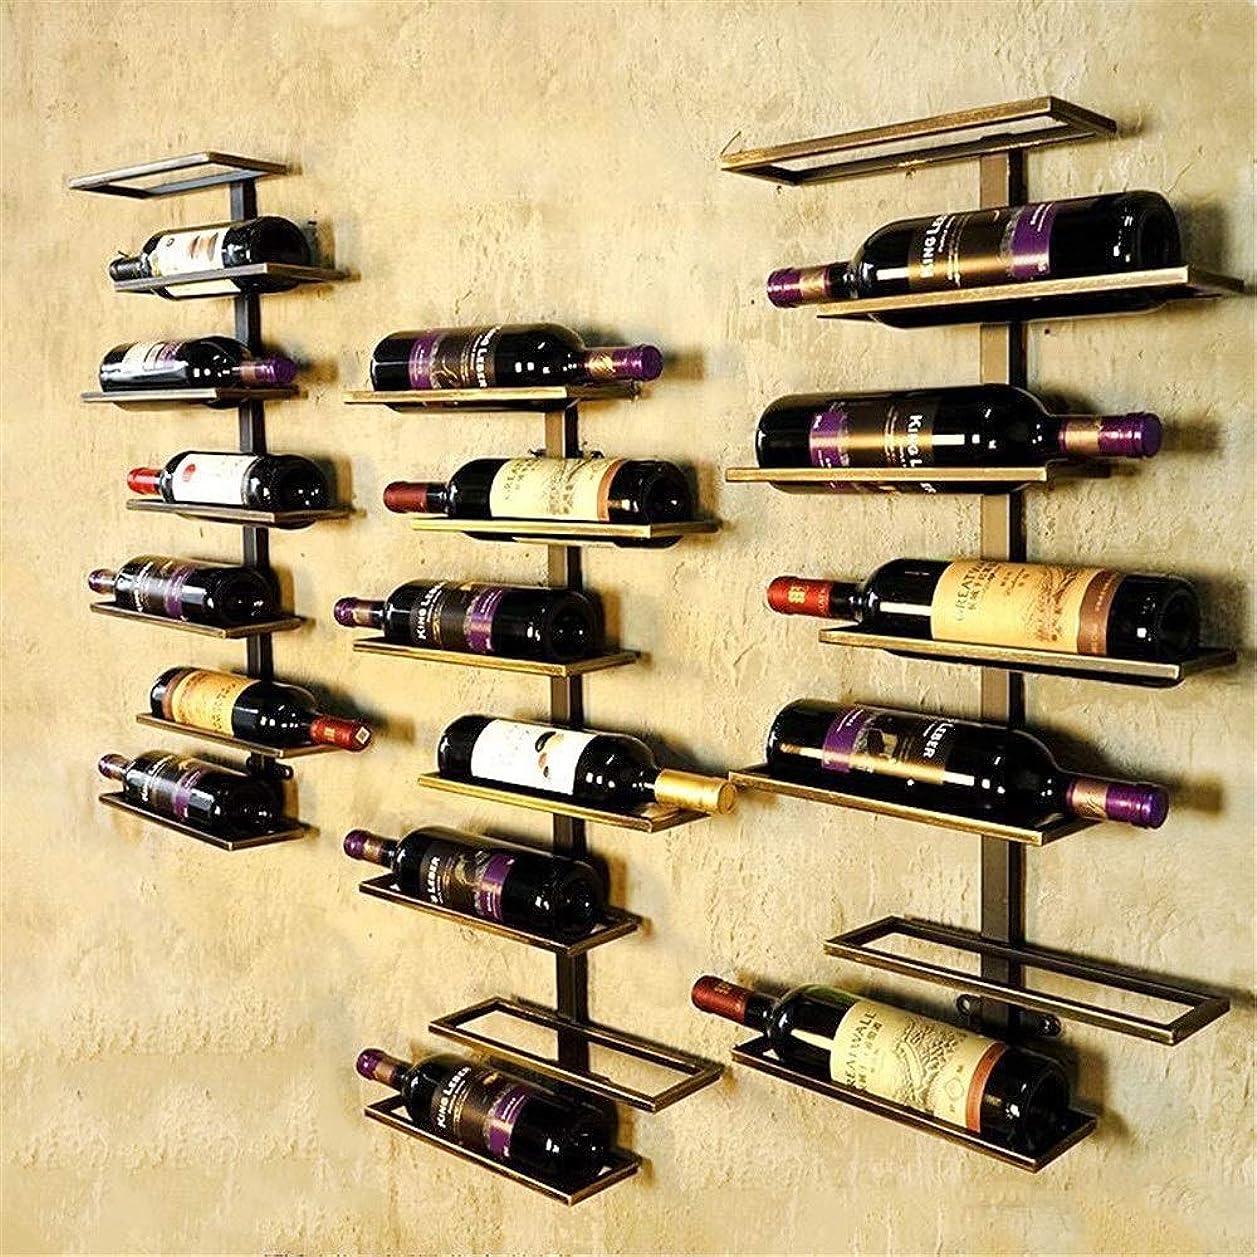 クロール野球乏しいCHUNSHENN ワイン収納 シャンパンホルダー ワインは、ベッドルーム近代的なミニマリストワインラックに適した棚やキッチンX1ラックアイアン芸術ボトルワインA壁層から7ハンギングラック(カラー:ブロンズ(7層)、サイズ:68x38x11cm...